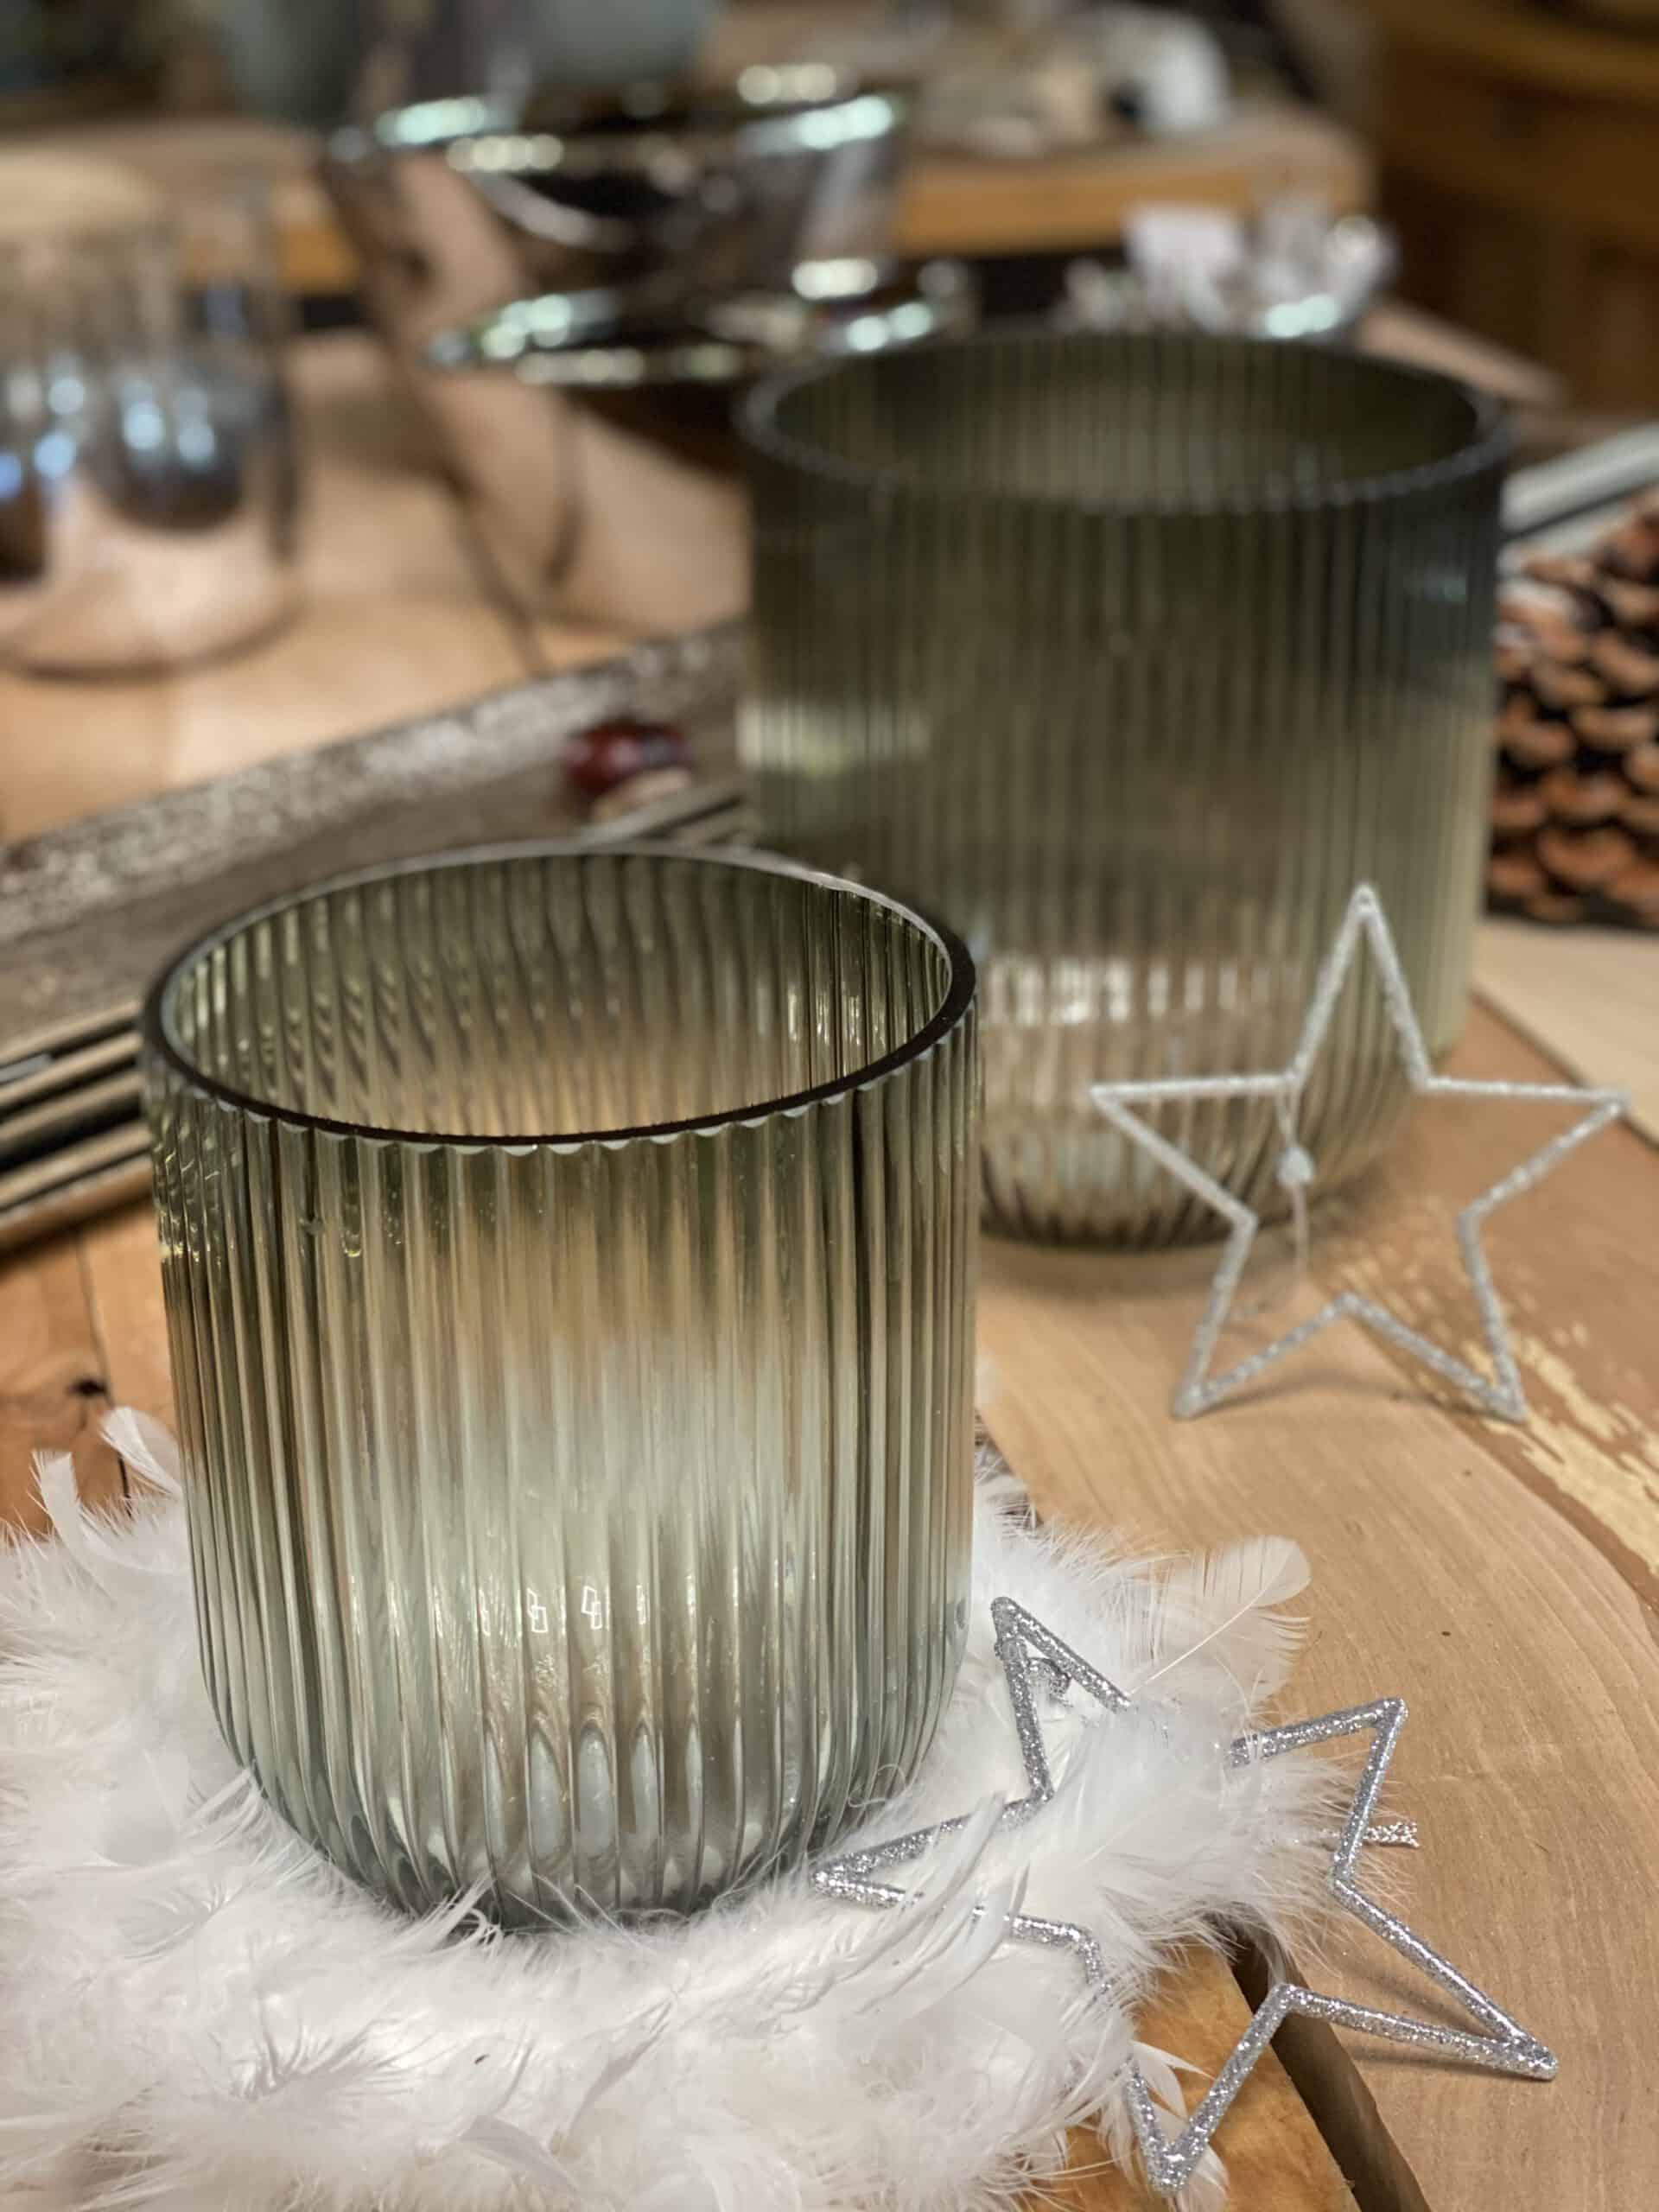 Weihnachtsdeko 2020 Windlicht - Kübel relax struktur grau von Kaheku (Art.:420637405 ) mit Stern weiß Poly von Friedrich Klocke auf Walnuss Brettern bei Gartenglück & Blütenkunst in Pörnbach